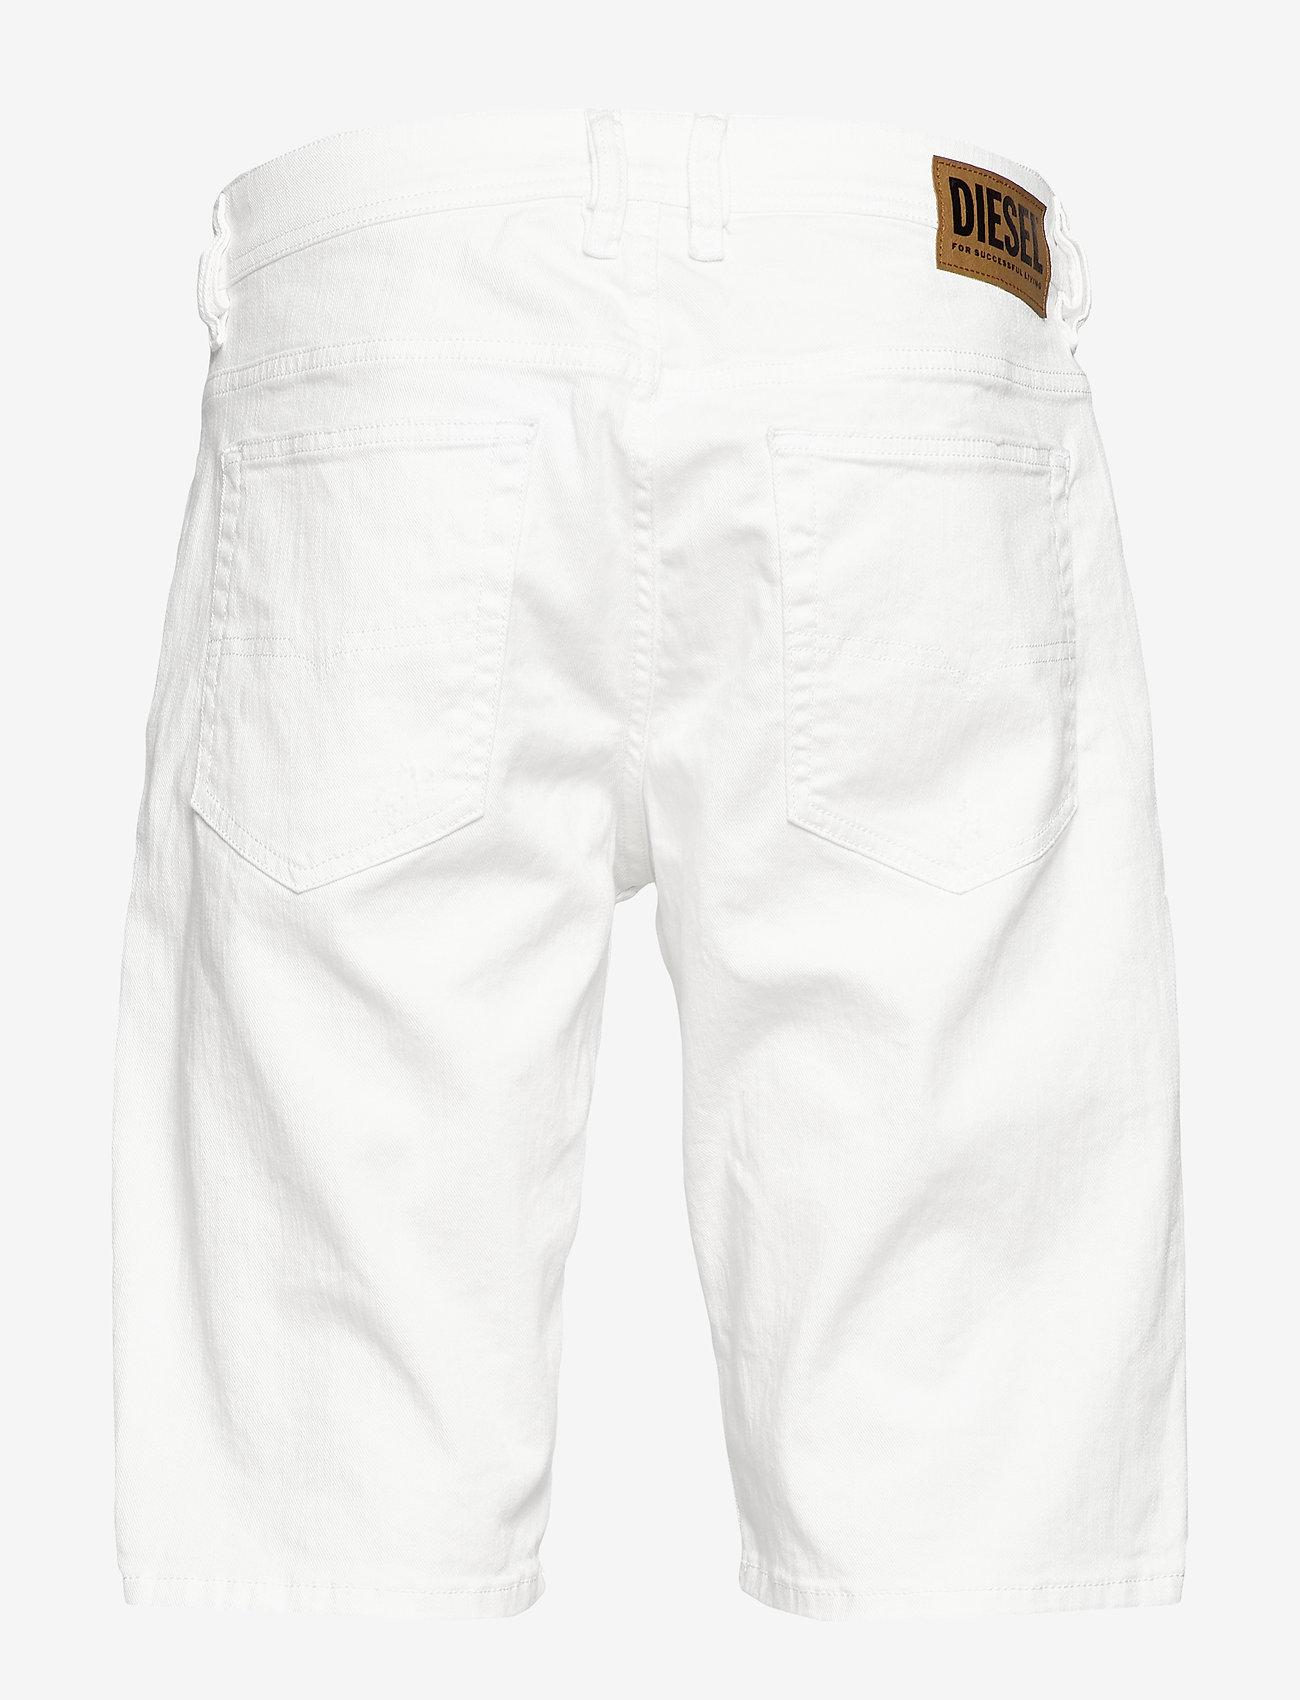 Diesel Men - THOSHORT SHORTS - denim shorts - bright white - 1